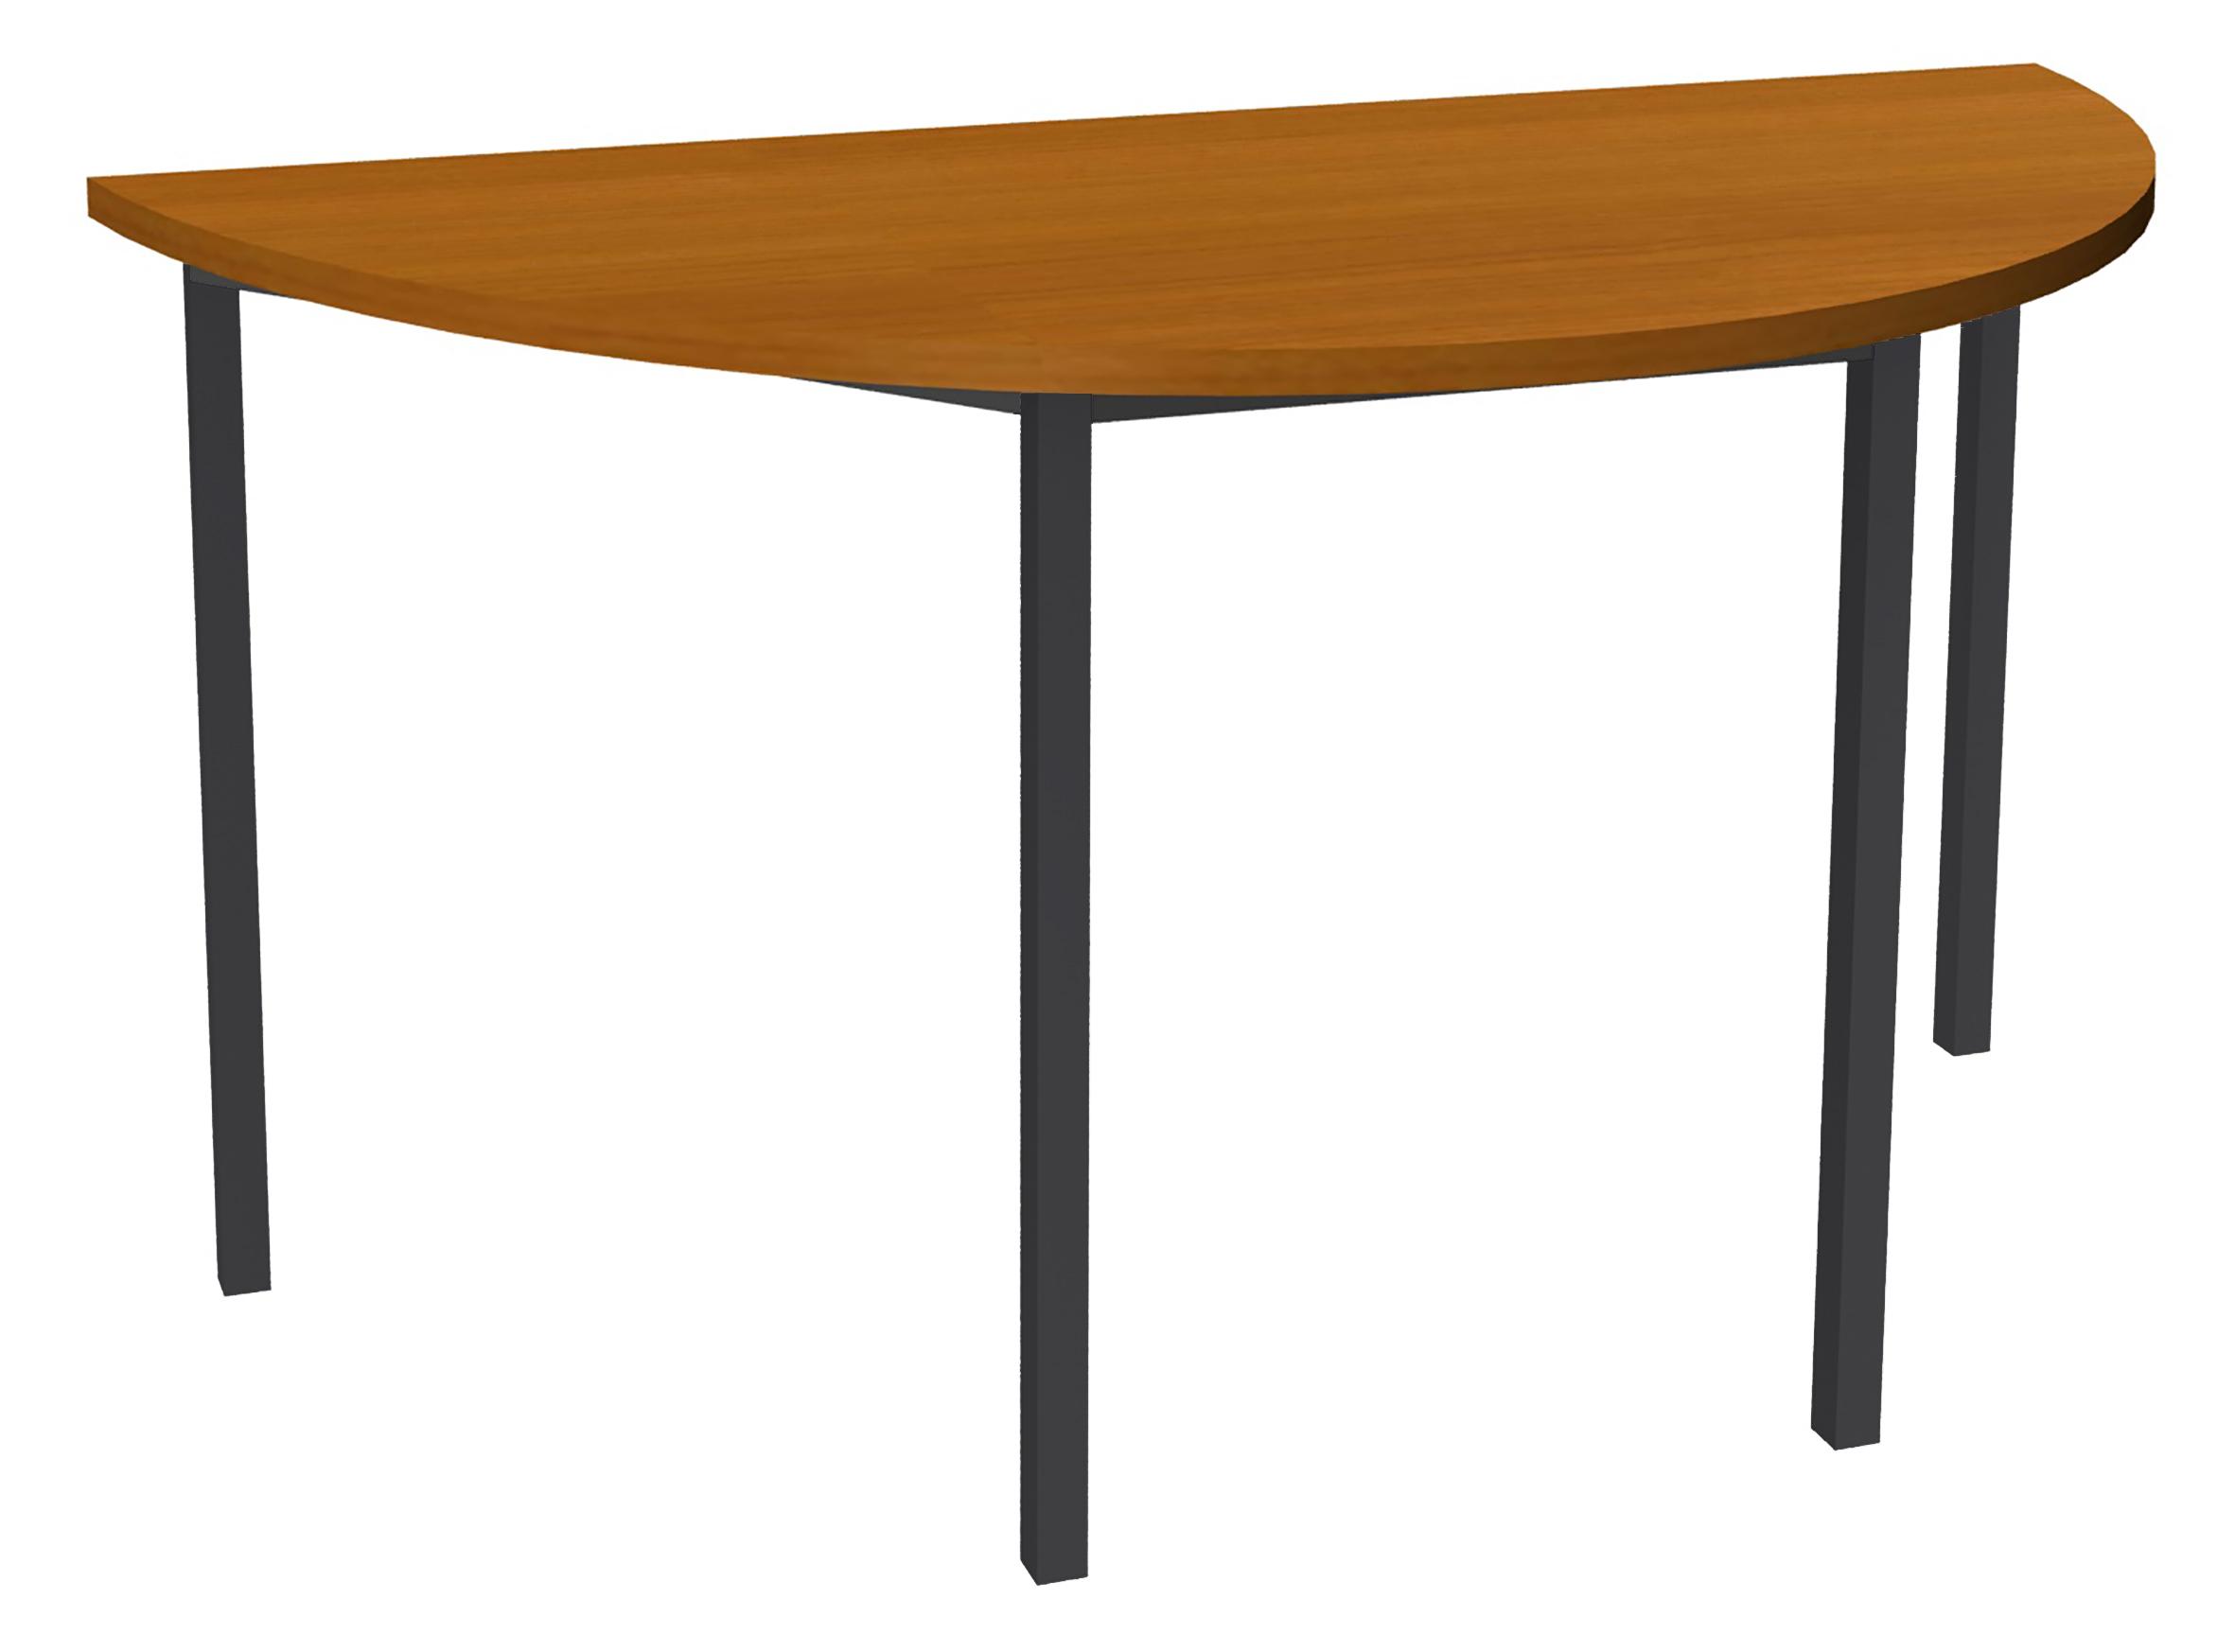 Table de réunion Demi-lune - 120 x 60 cm - Pieds anthracite - imitation merisier